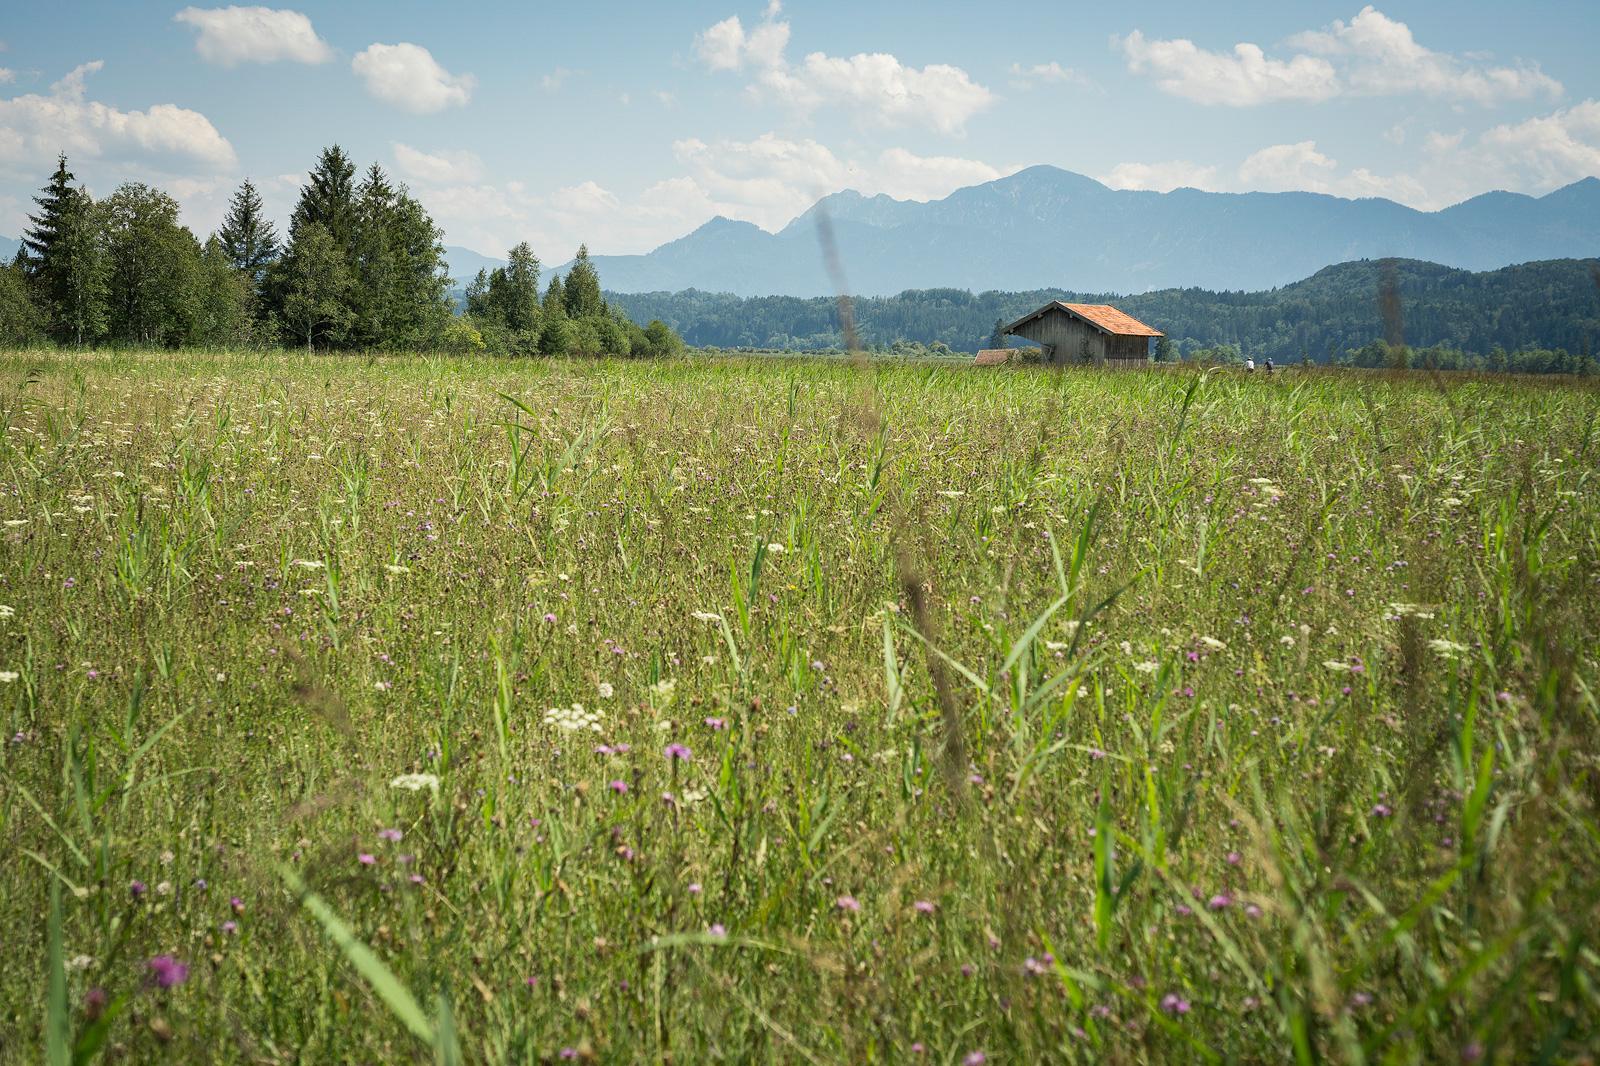 Wanderung von Uffing am Staffelsee nach Murnau